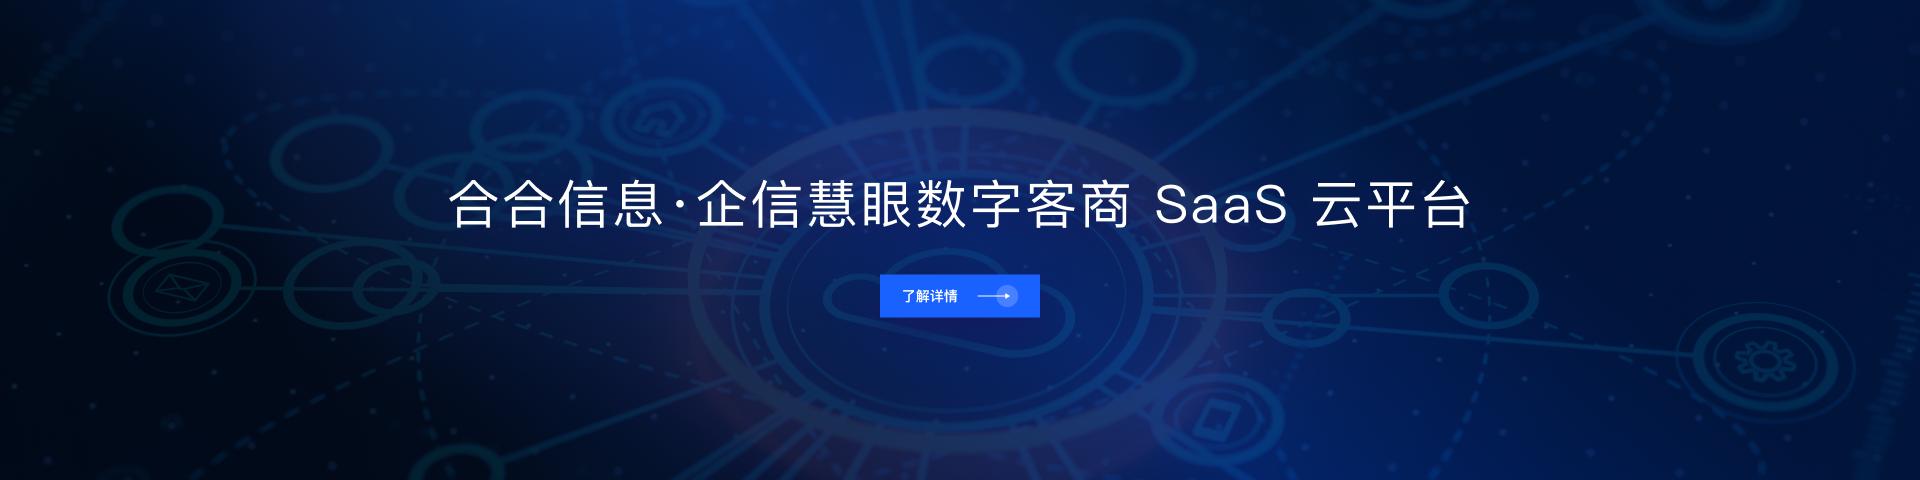 合合信息企信慧眼数字客商SaaS云平台